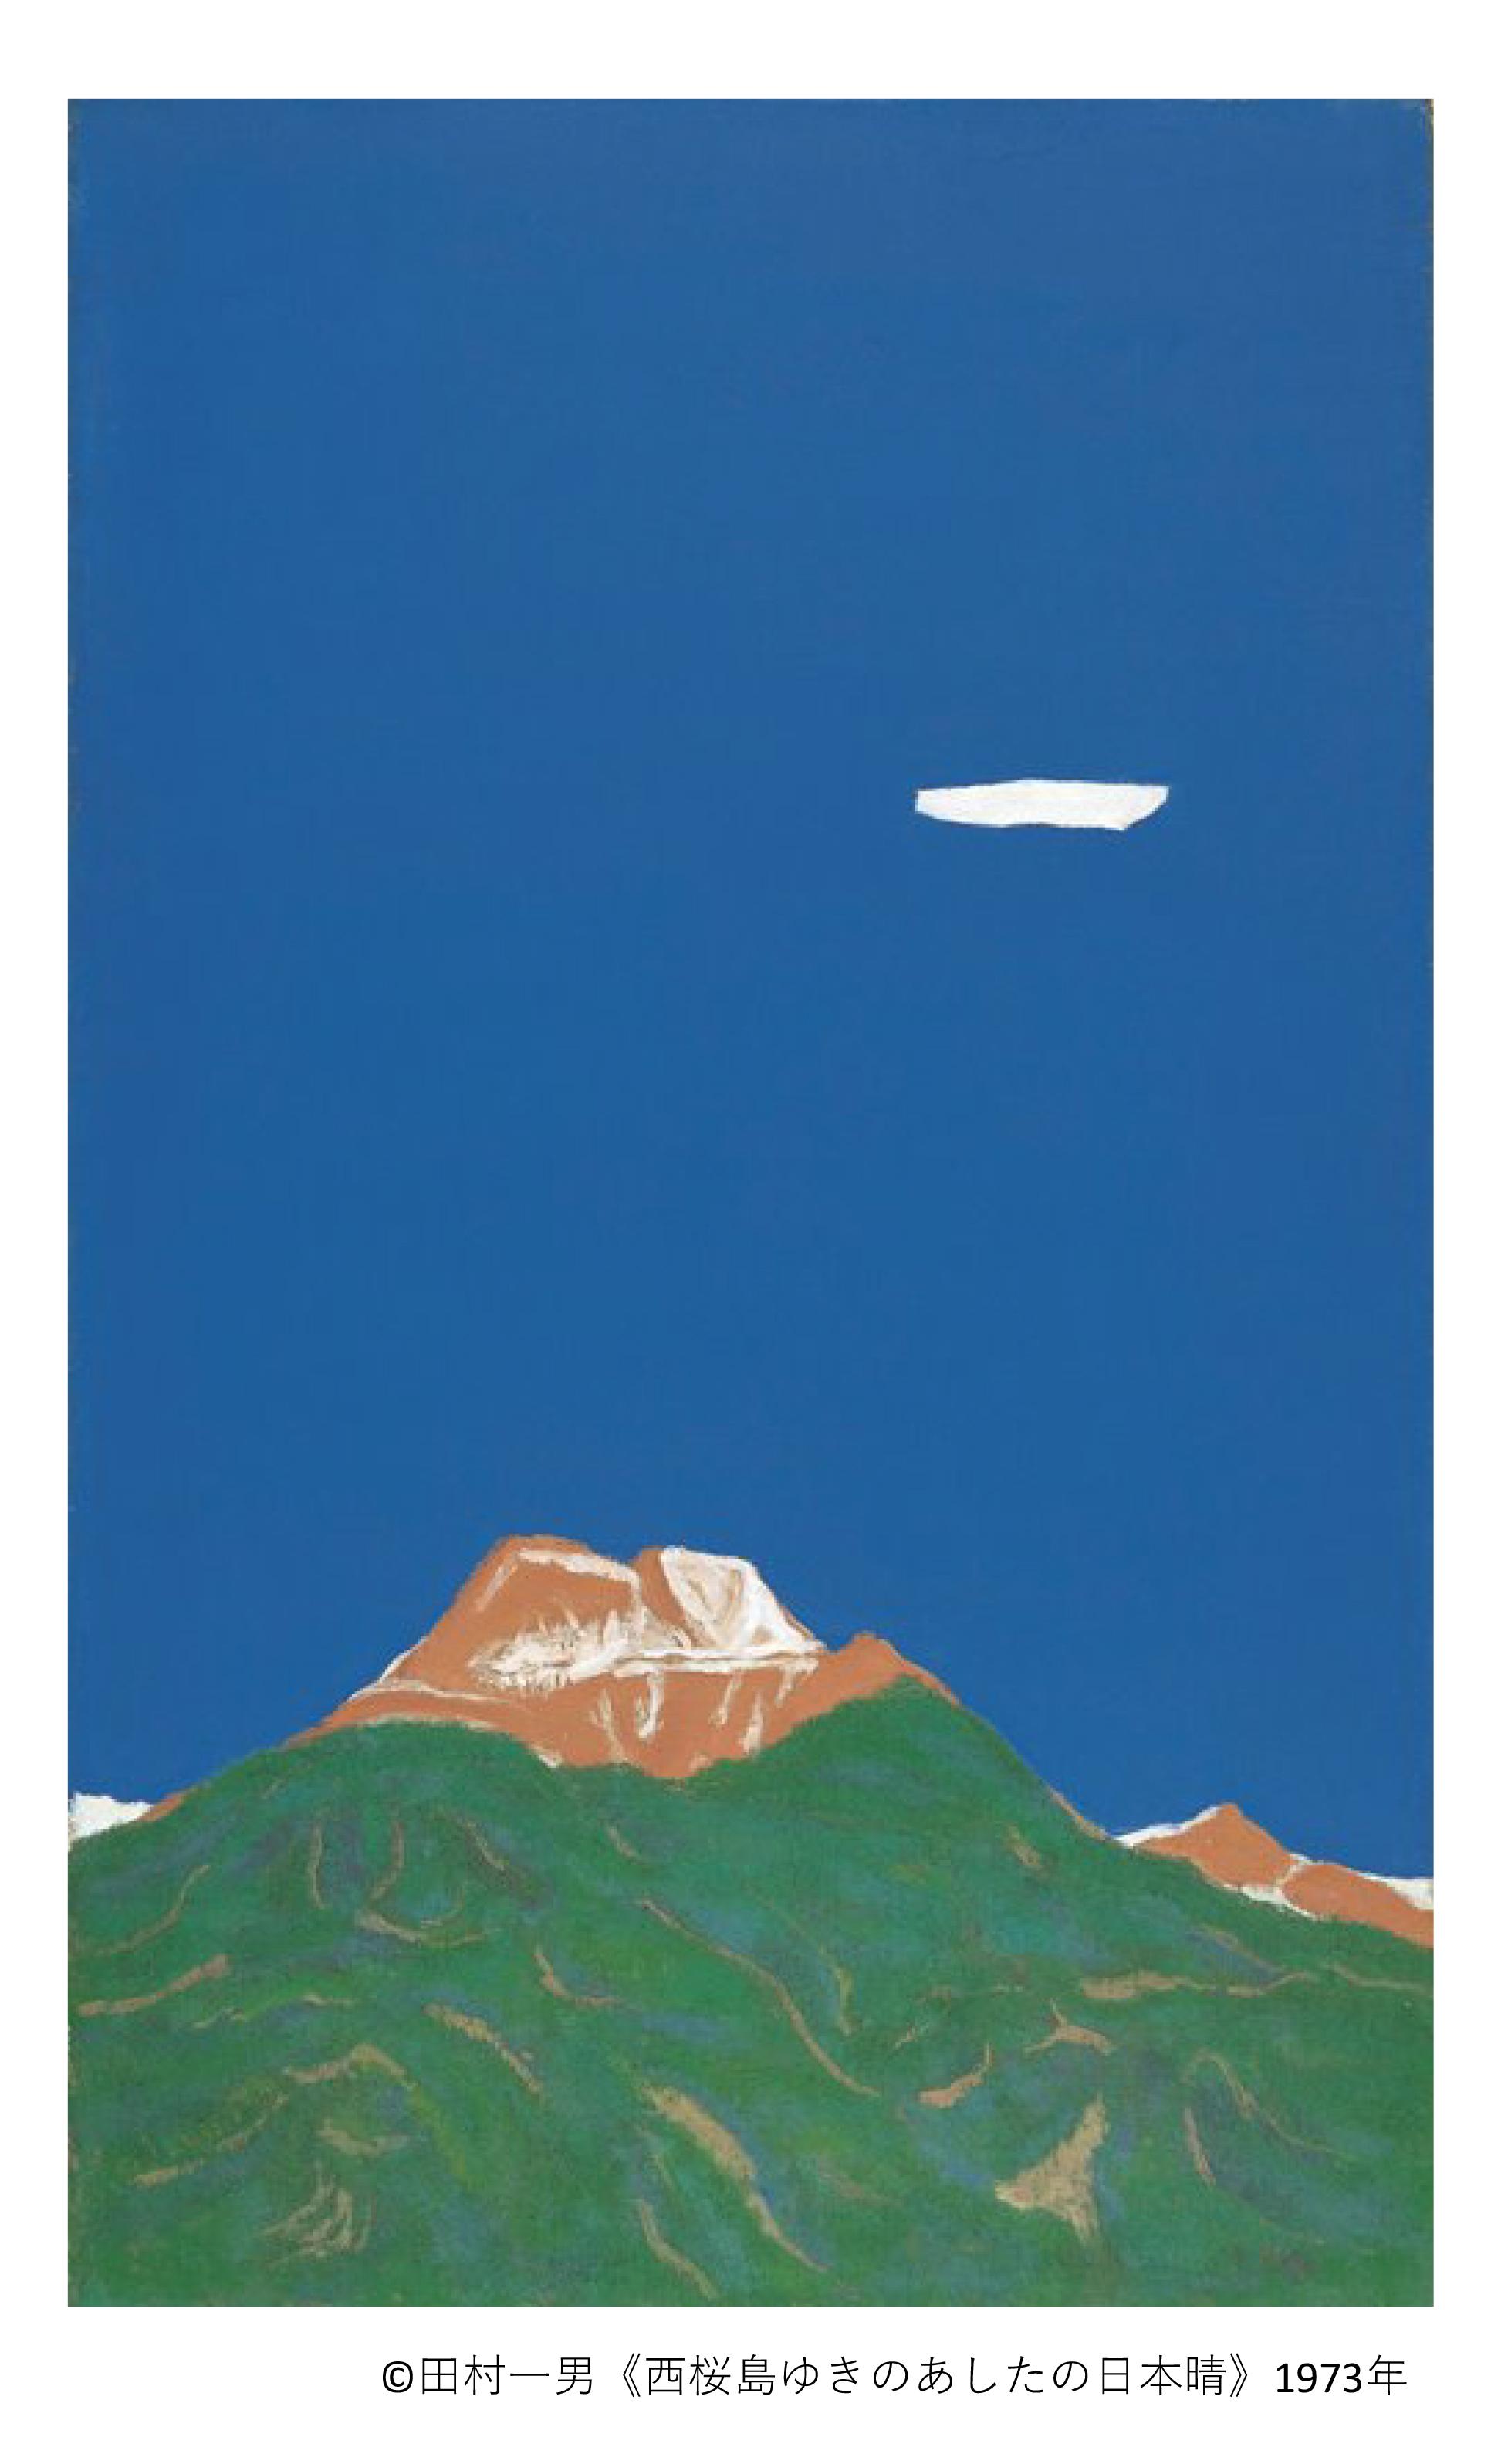 小企画展「空の色、水の色 -競演・画家の描いた色」